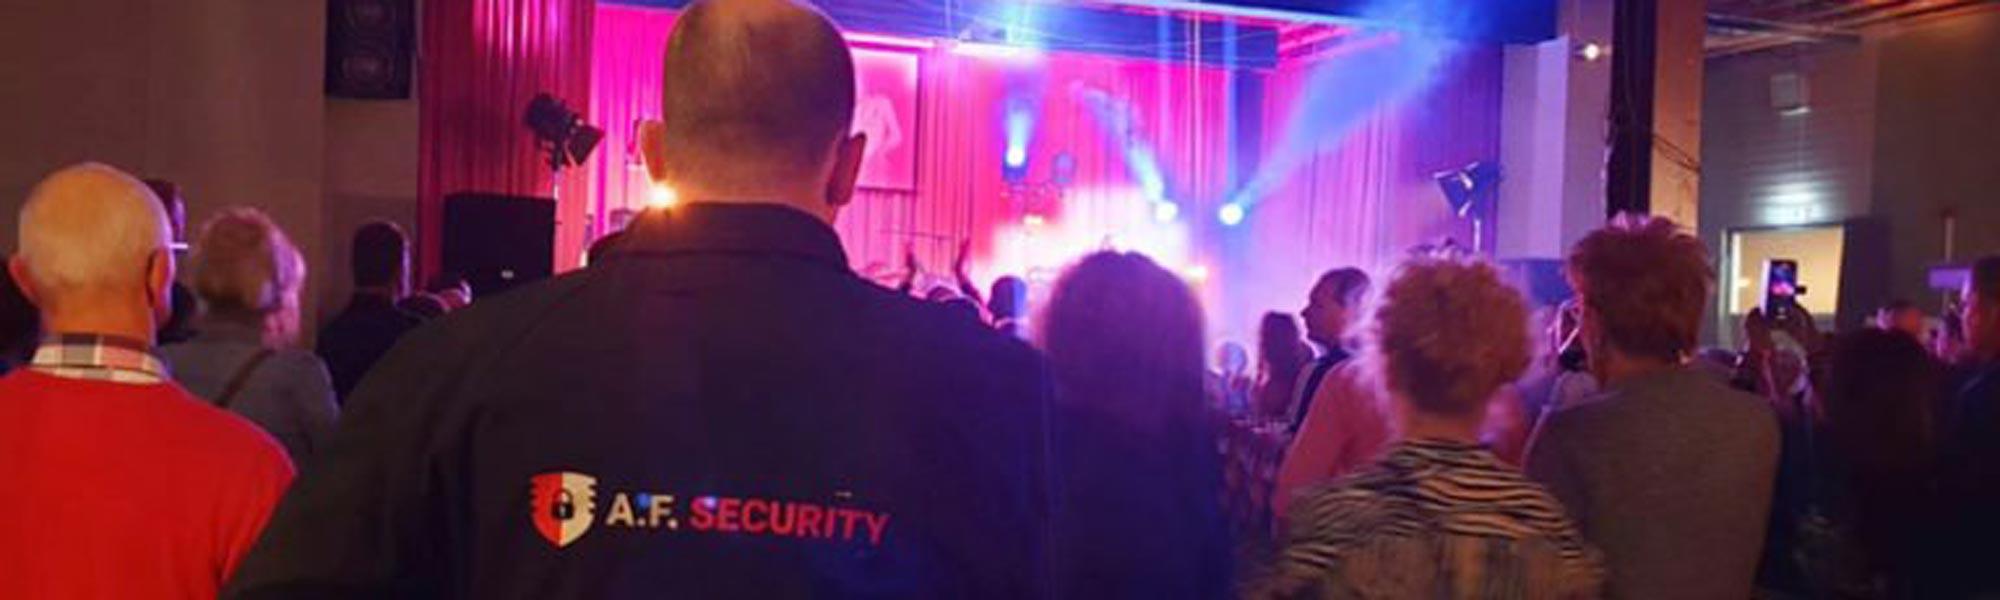 Professionele beveiliging - Beveiligingsbedrijf A.F. Security Winschoten